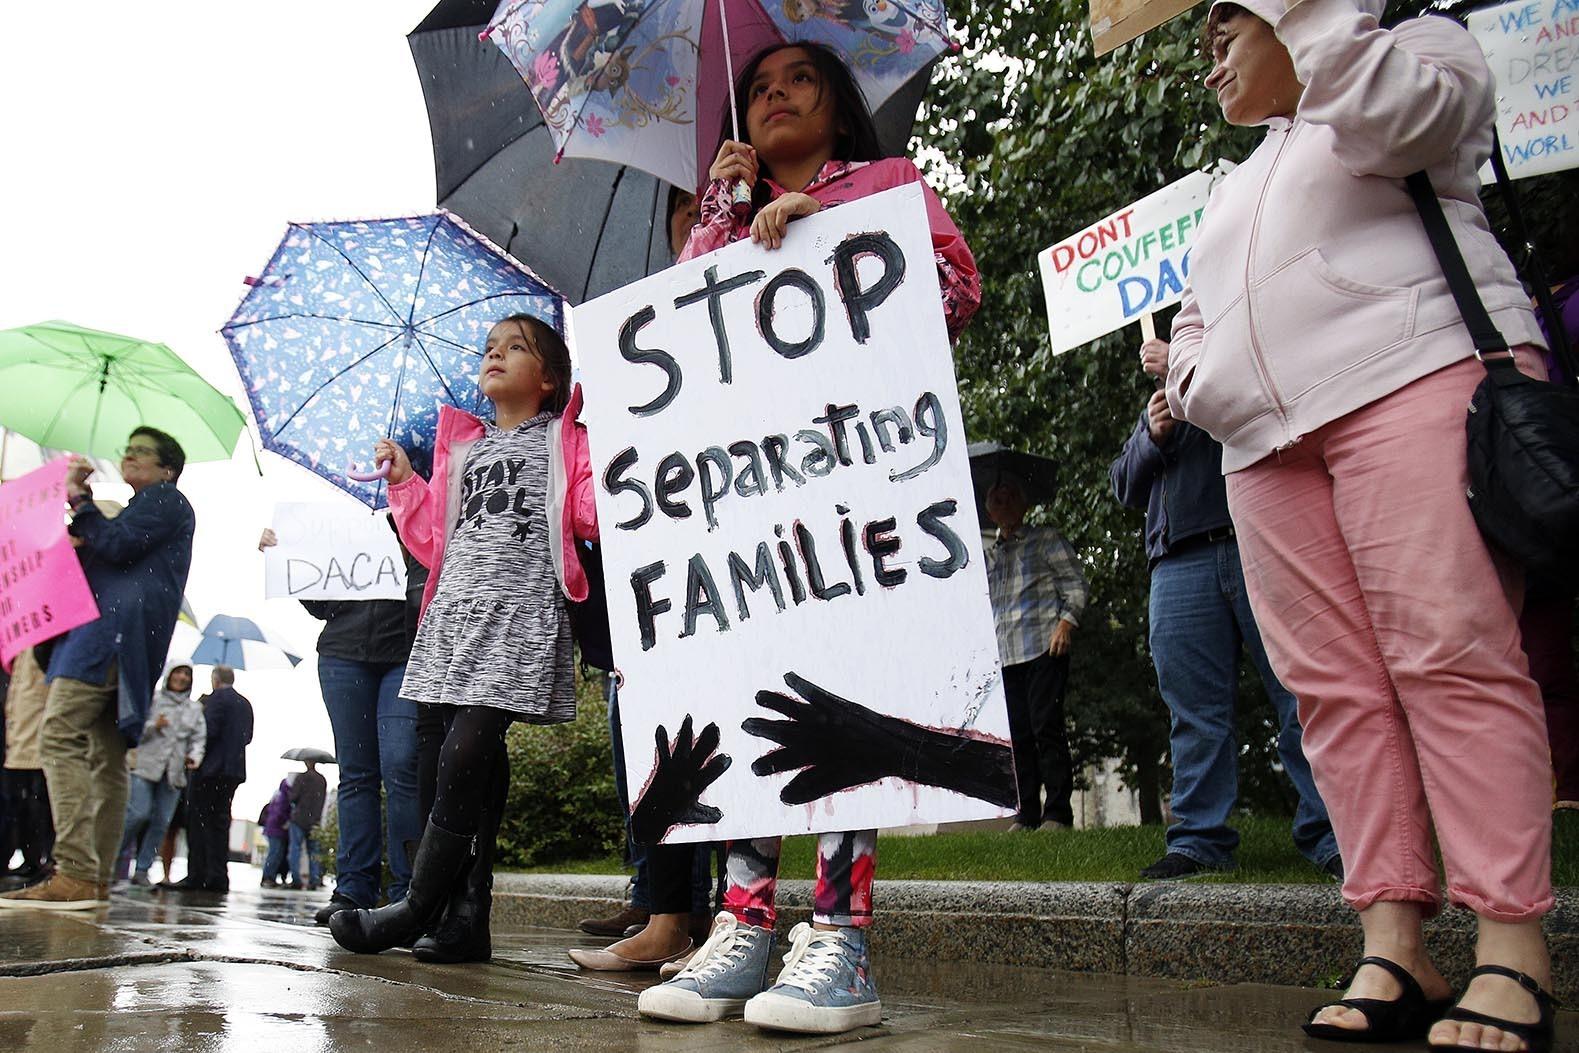 支持DACA權益者在麻州匹茲菲德呼籲保護夢想生。(美聯社)